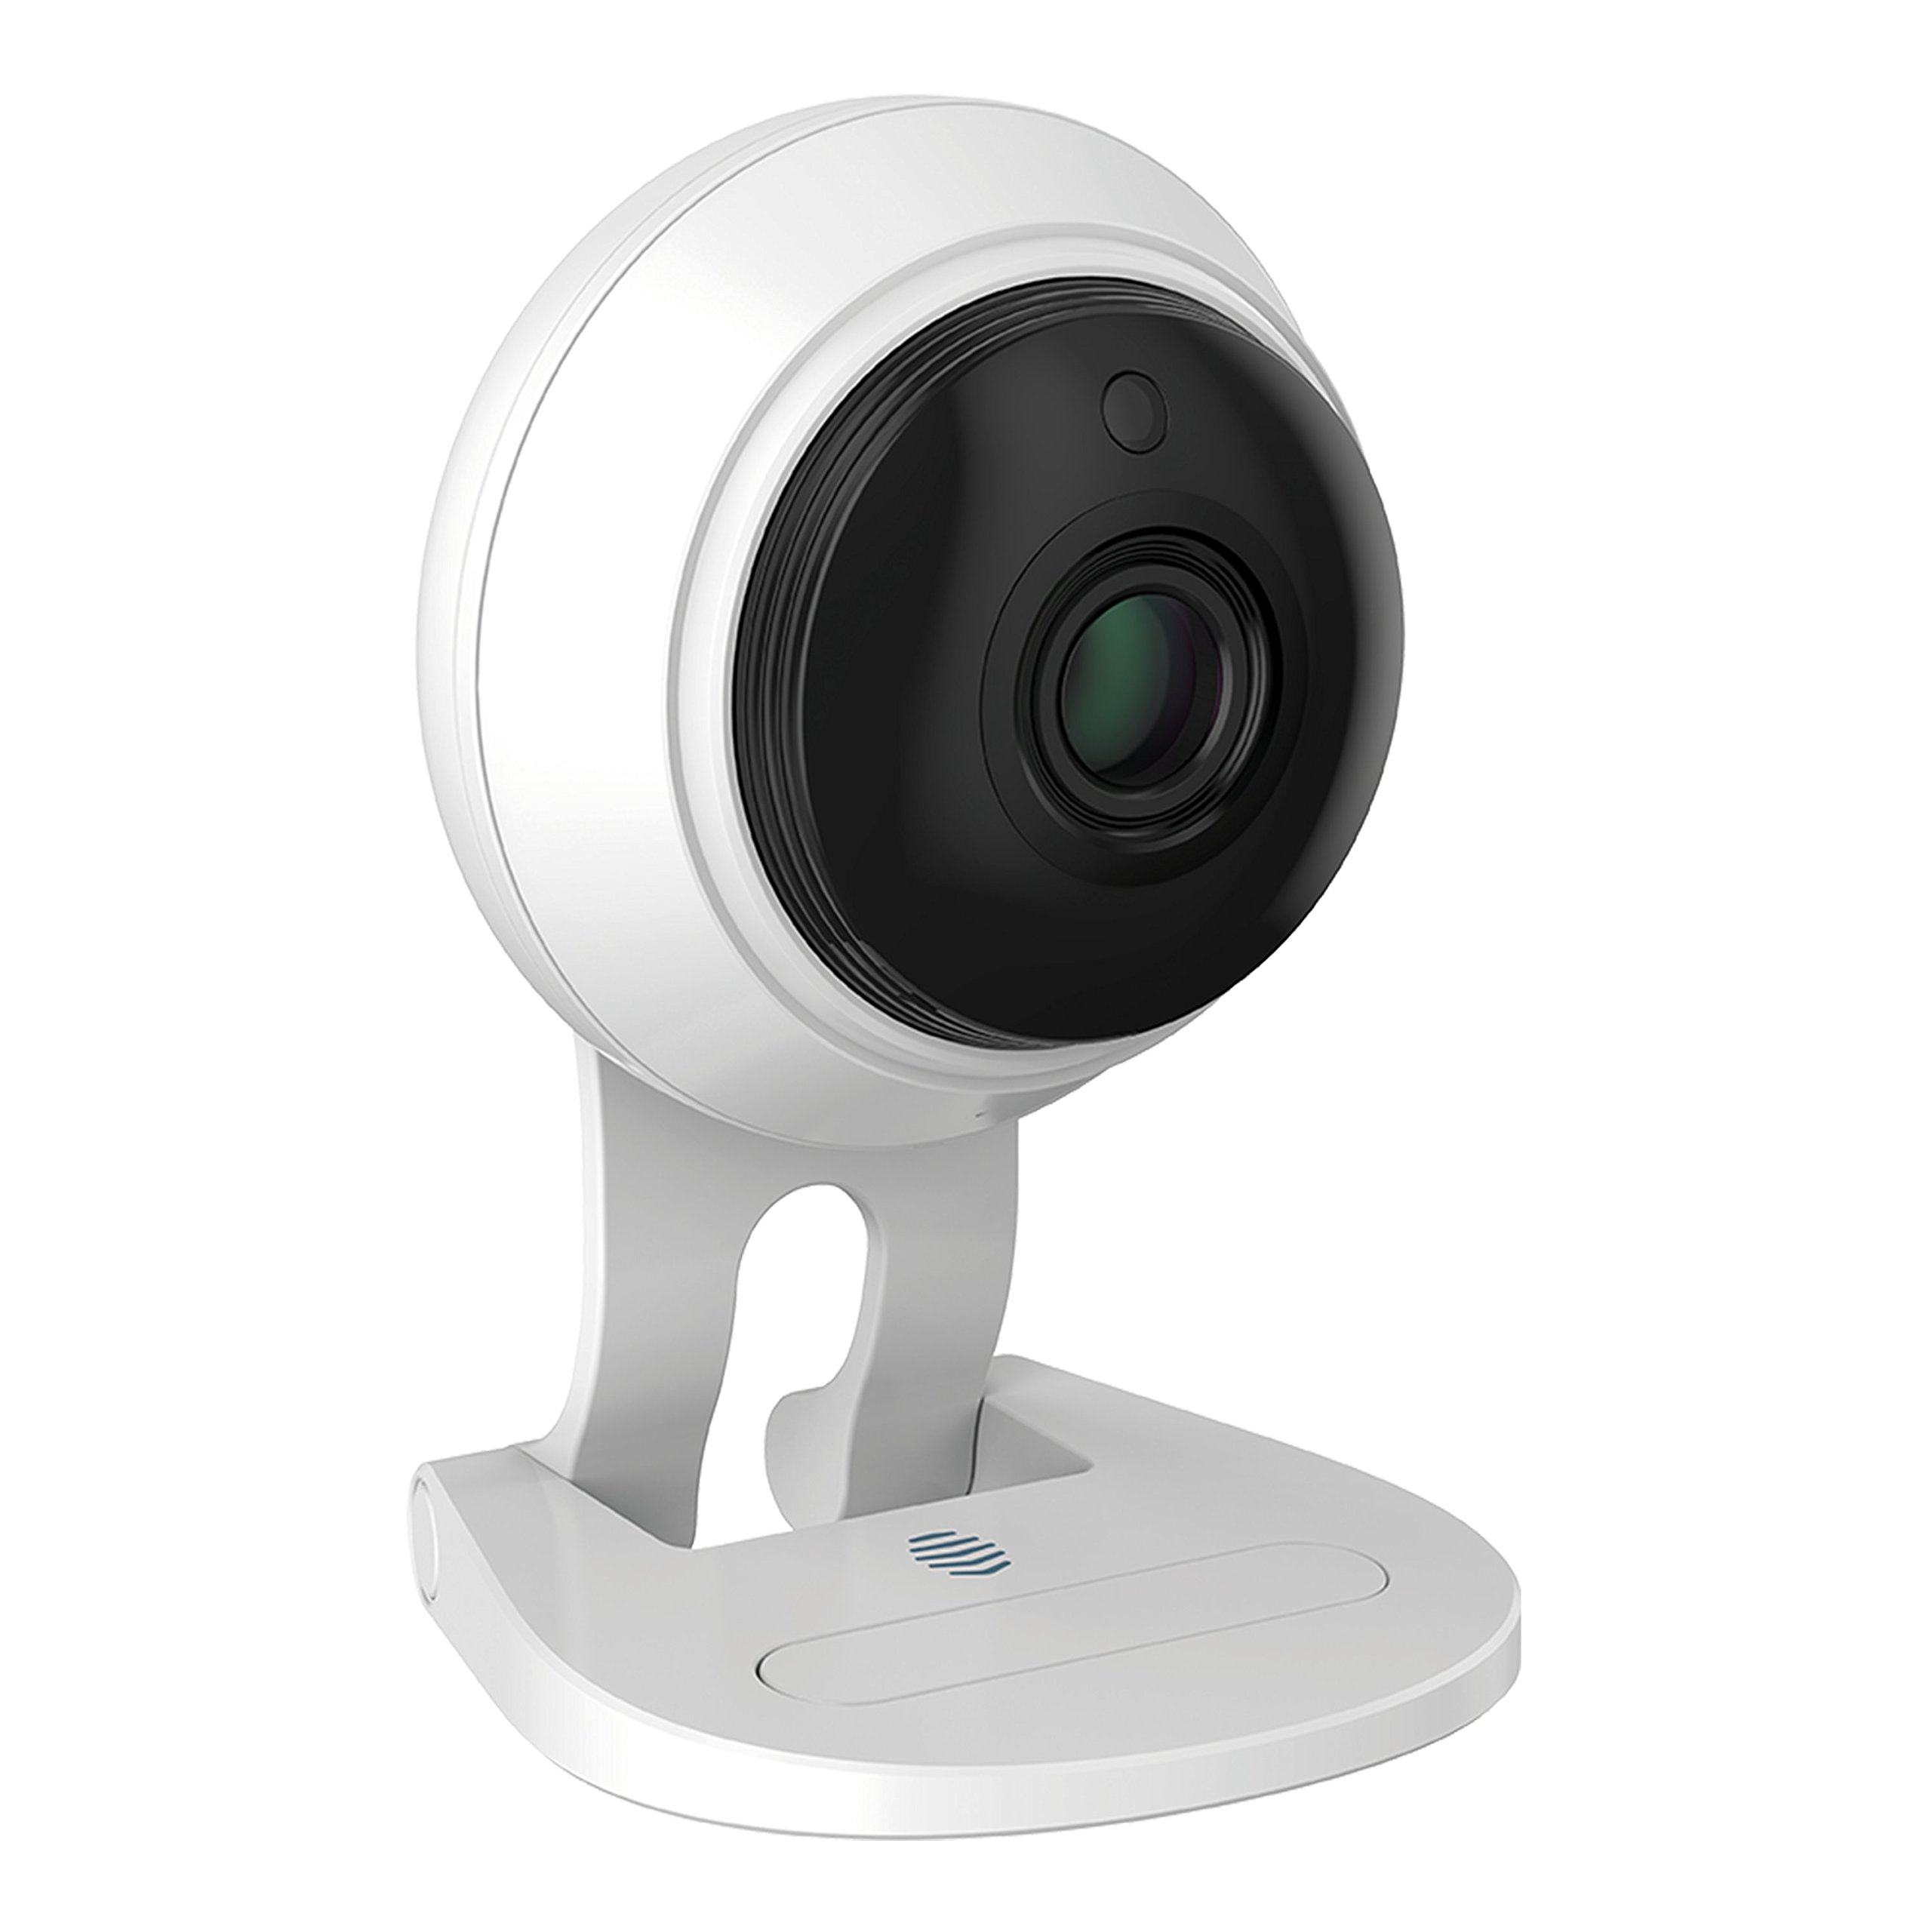 Hive Indoor Security Camera